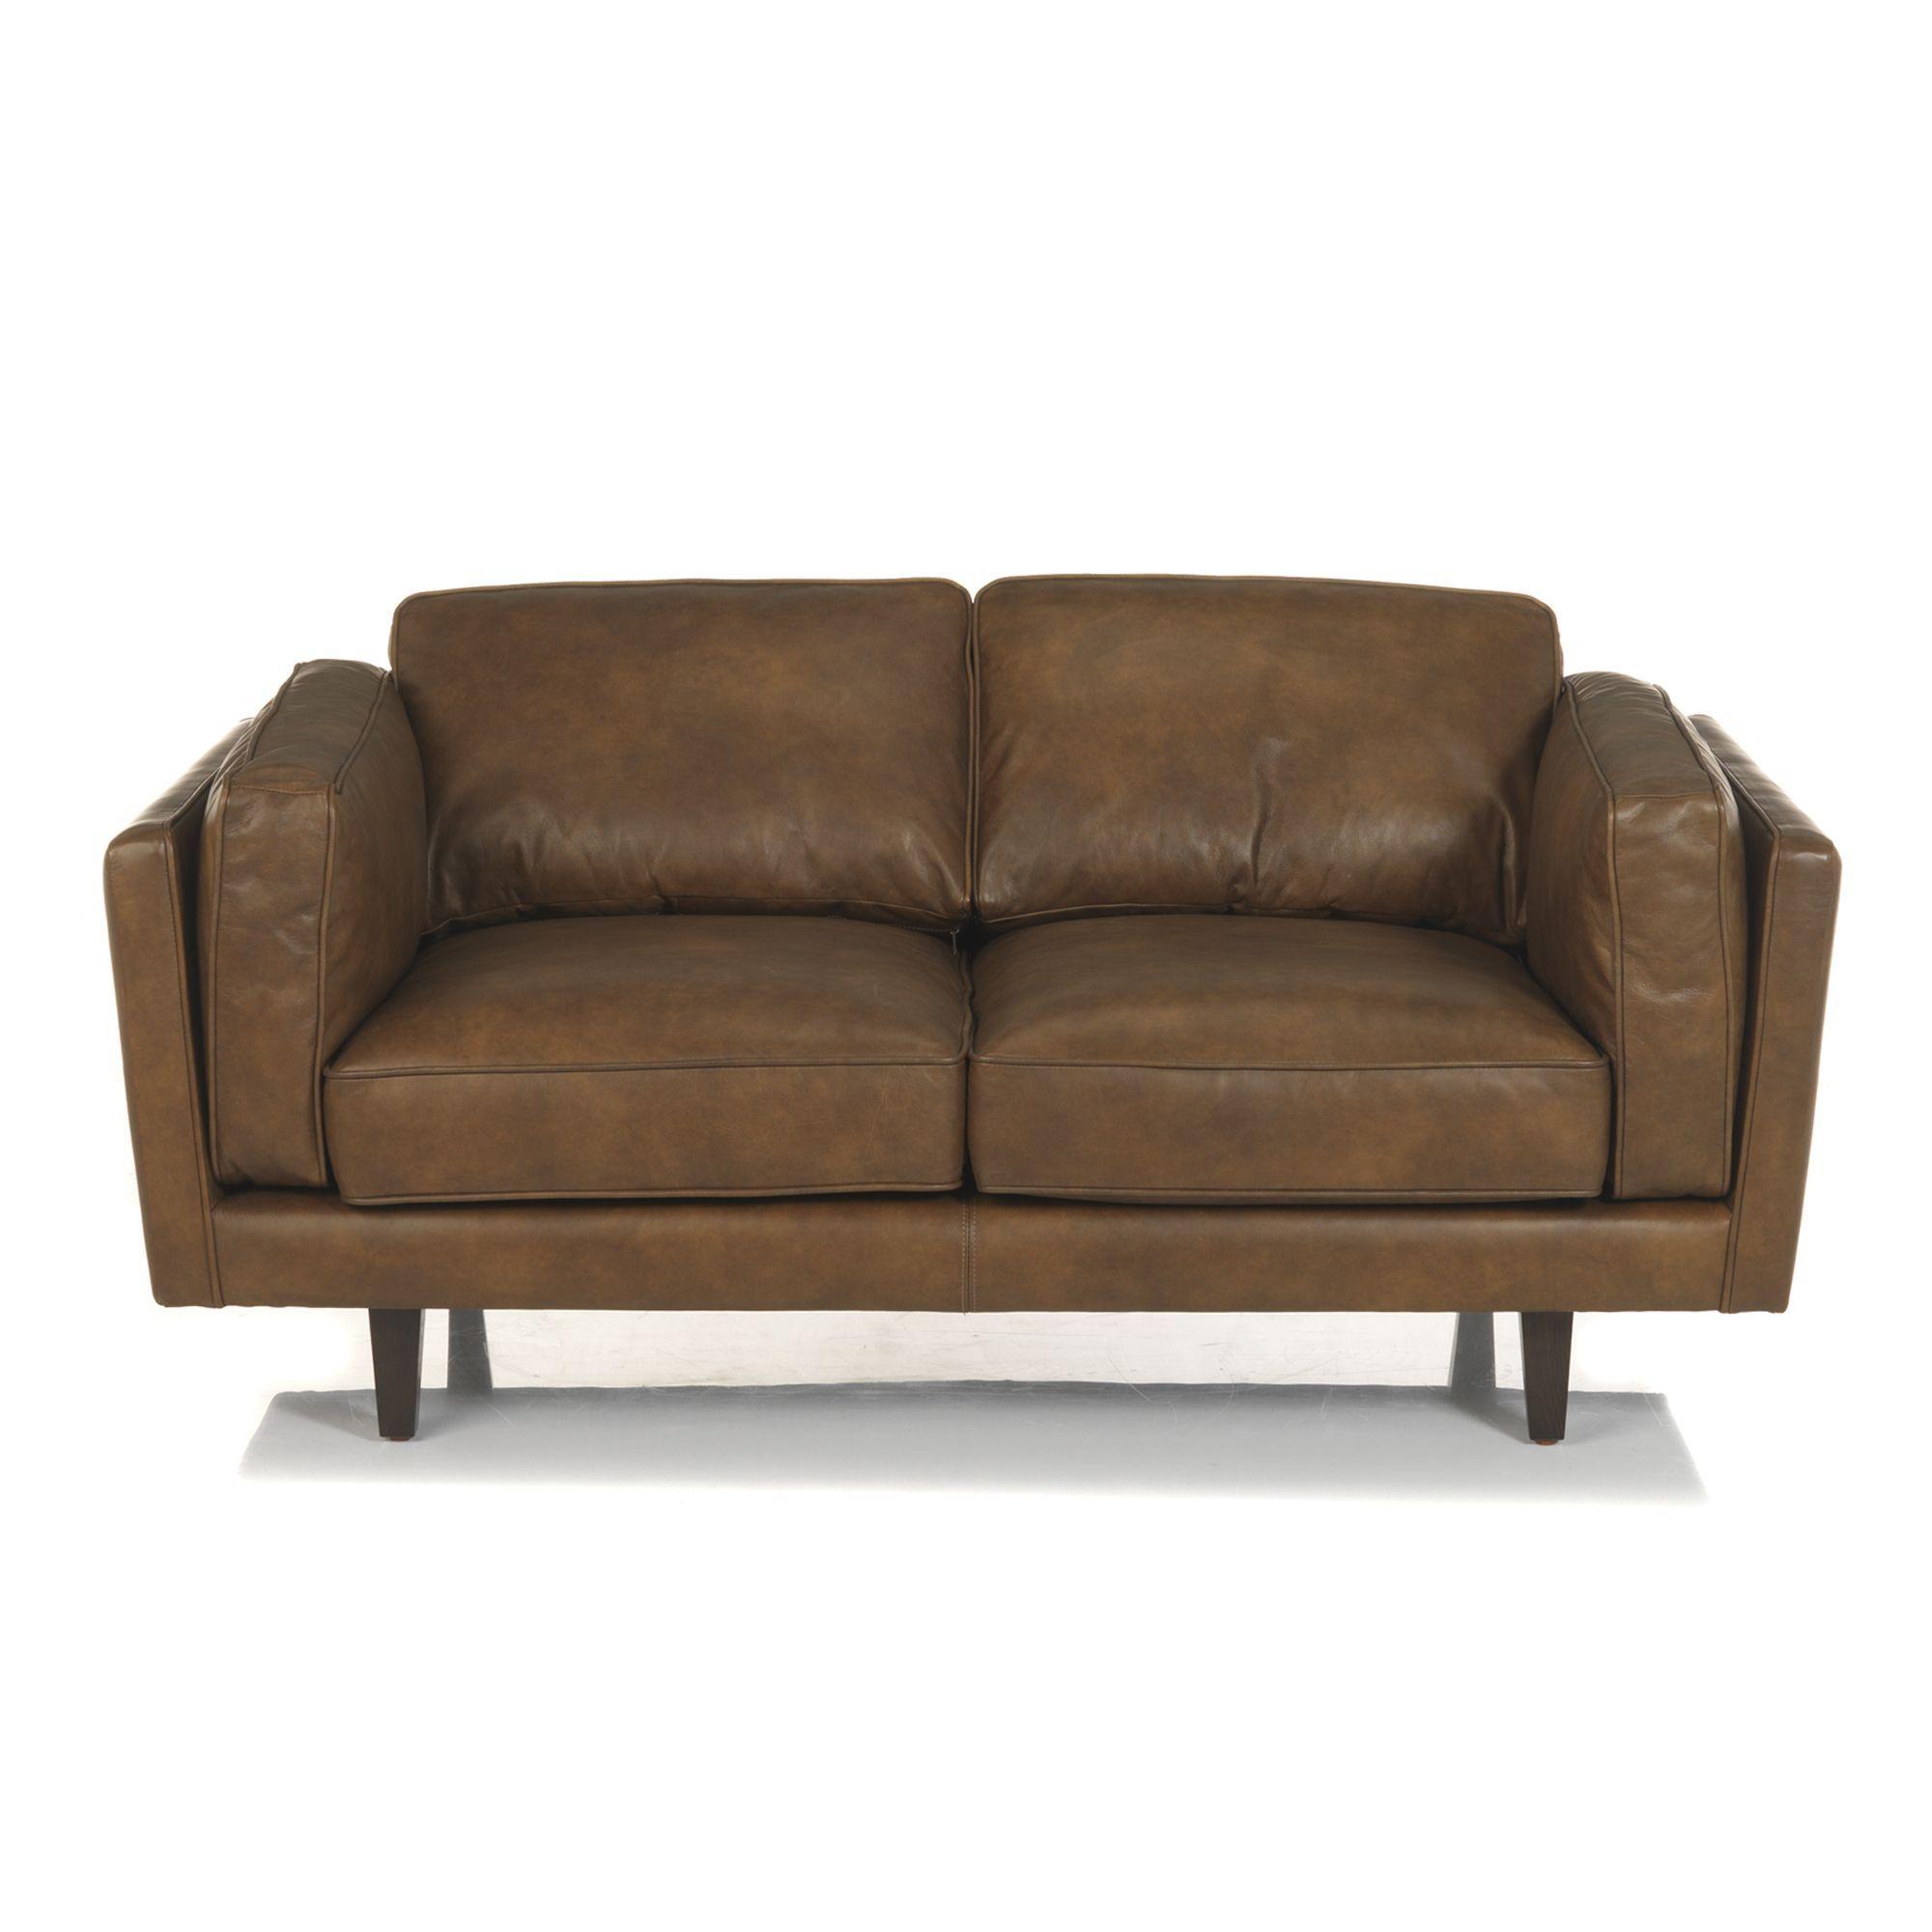 Canapé 2 places vintage | Ambiance | Sofa, Couch et Room